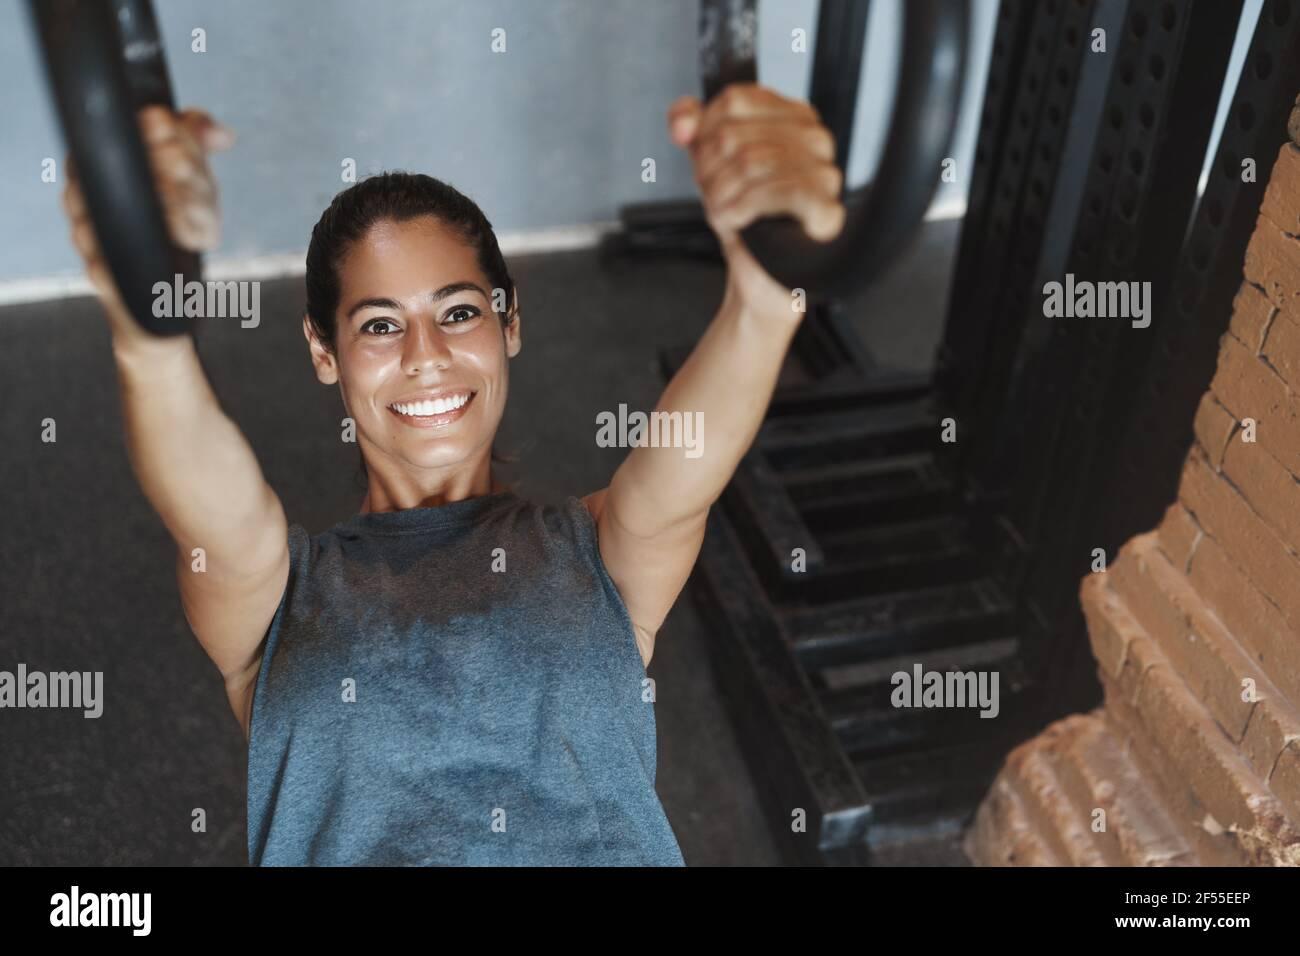 Prise de vue à l'angle supérieur sportswoman sweaty attrayant utilisant l'équipement de gym pour obtenir un ABS parfait, bonne forme du corps, pousser sur les anneaux, pomper les biceps, sourire comme Banque D'Images